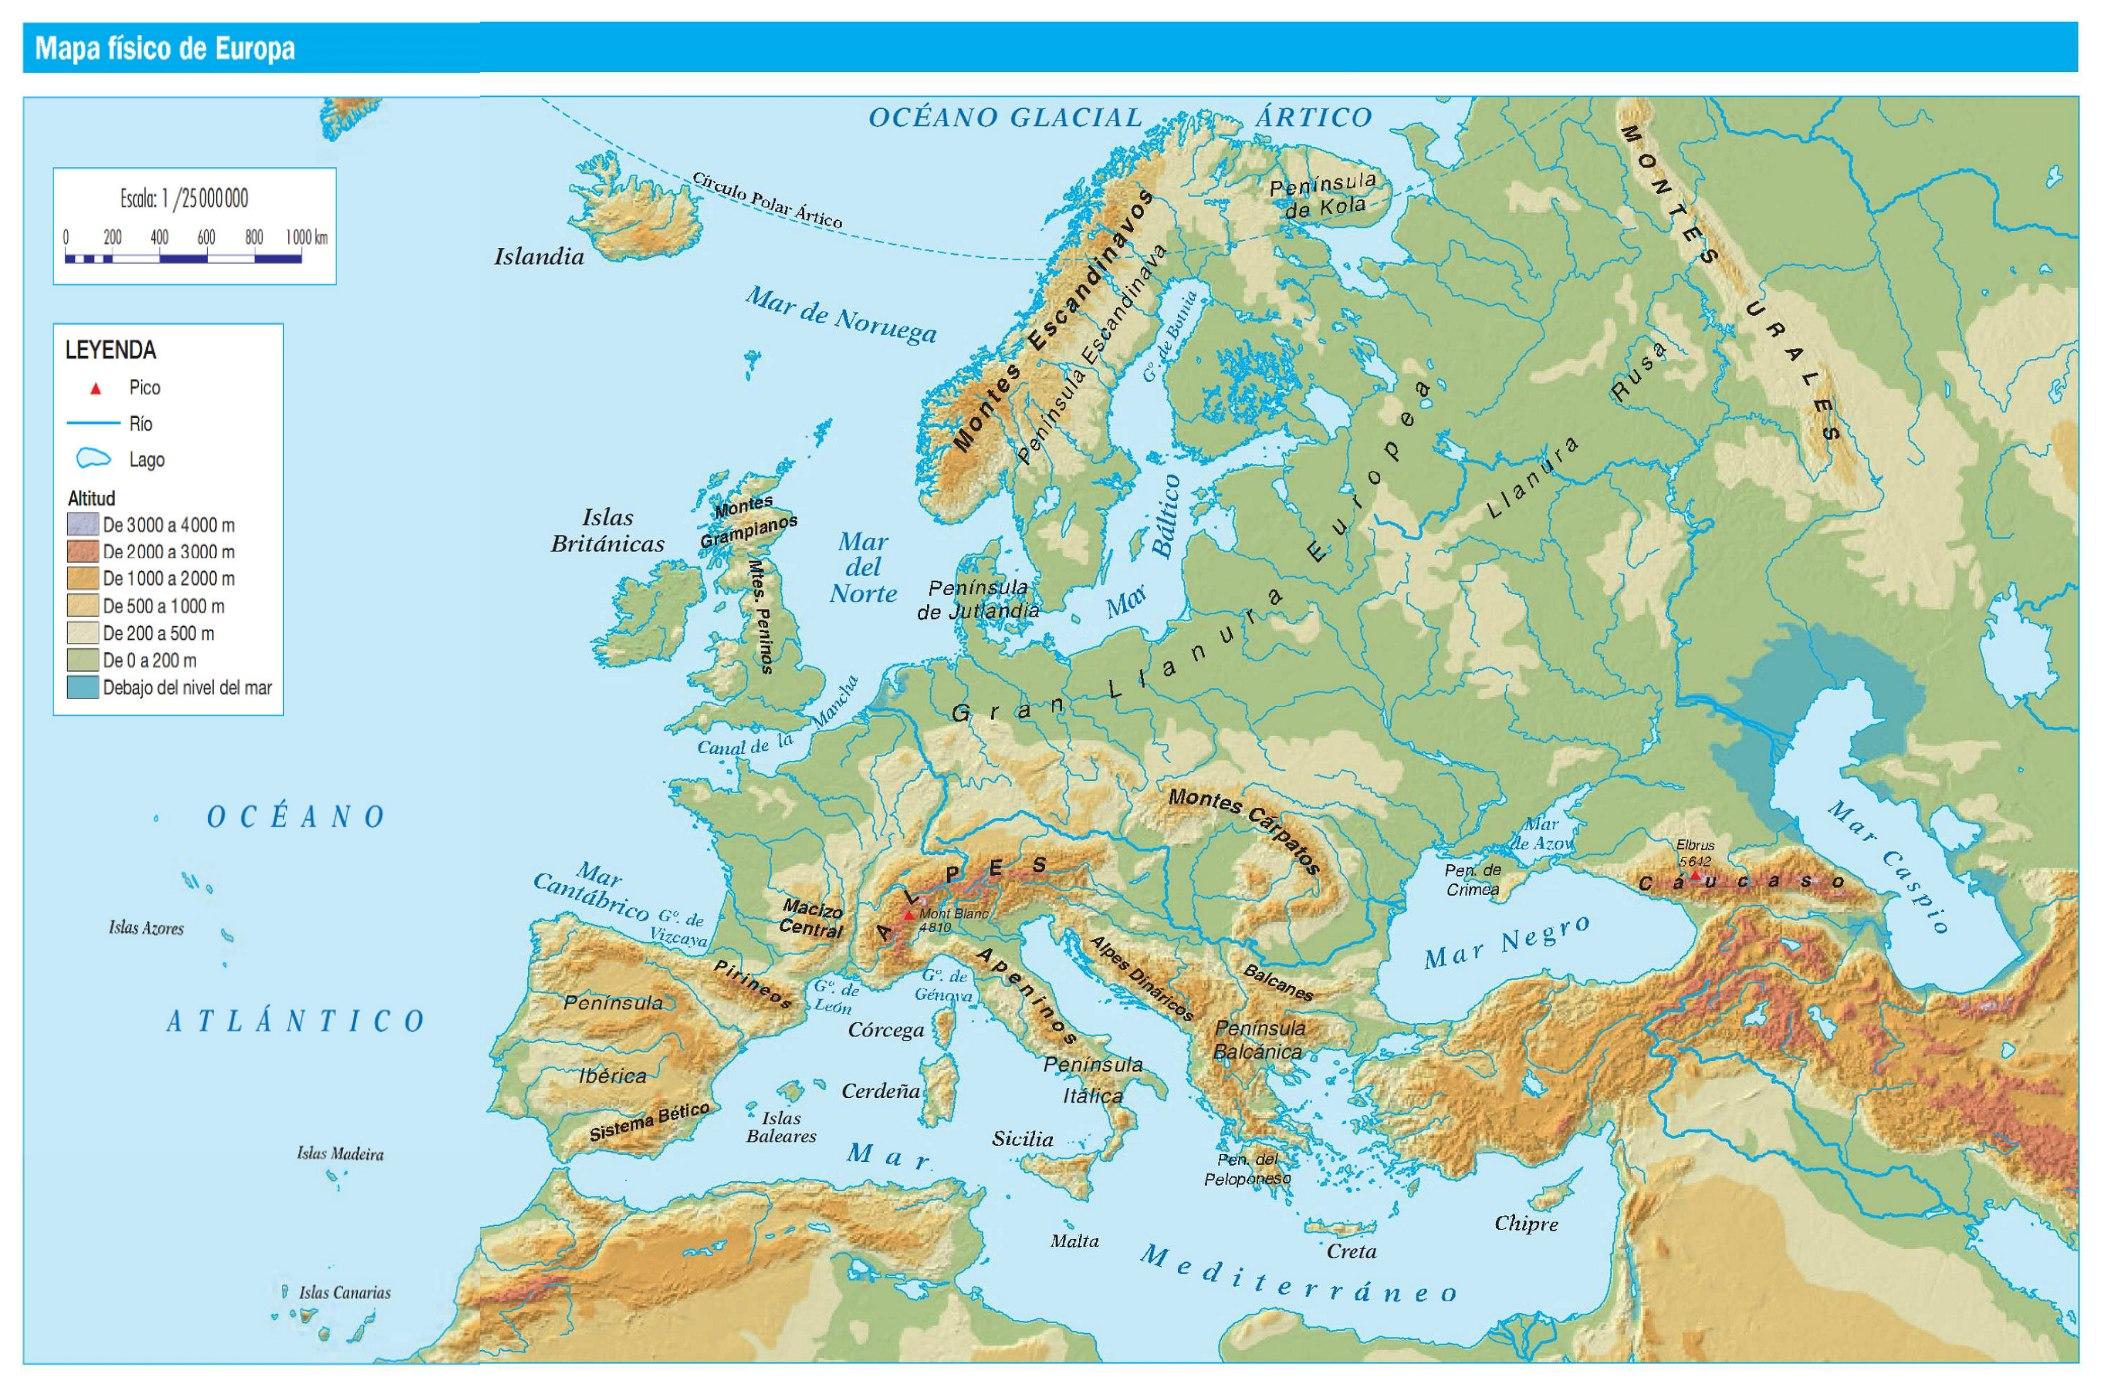 Mapa Físico De Europa.Mapa Fisico De Europa Recurso Educativo 738507 Tiching